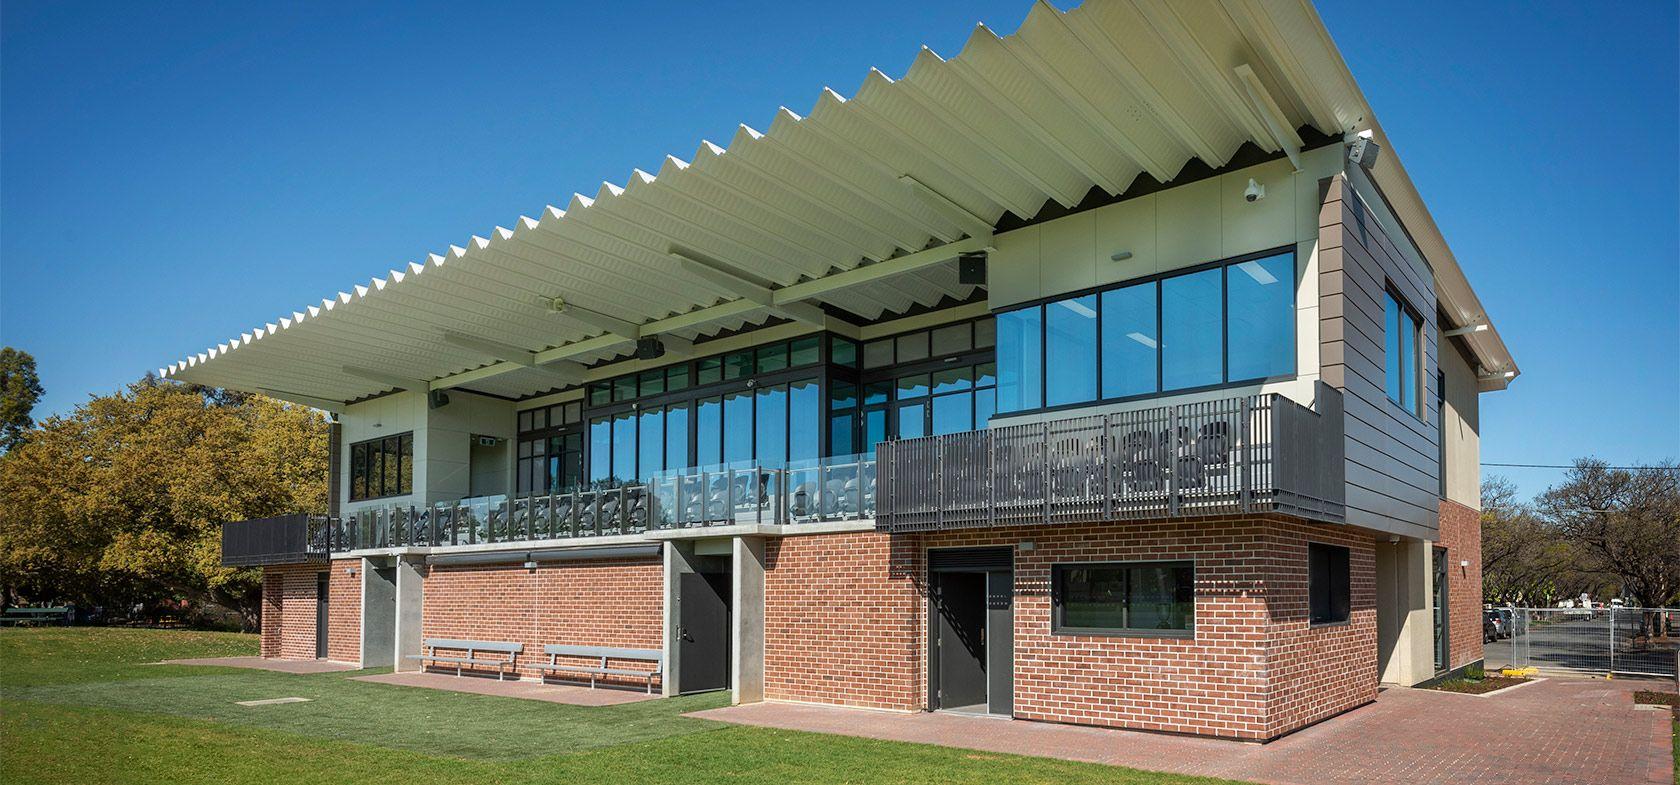 Goodwood Oval